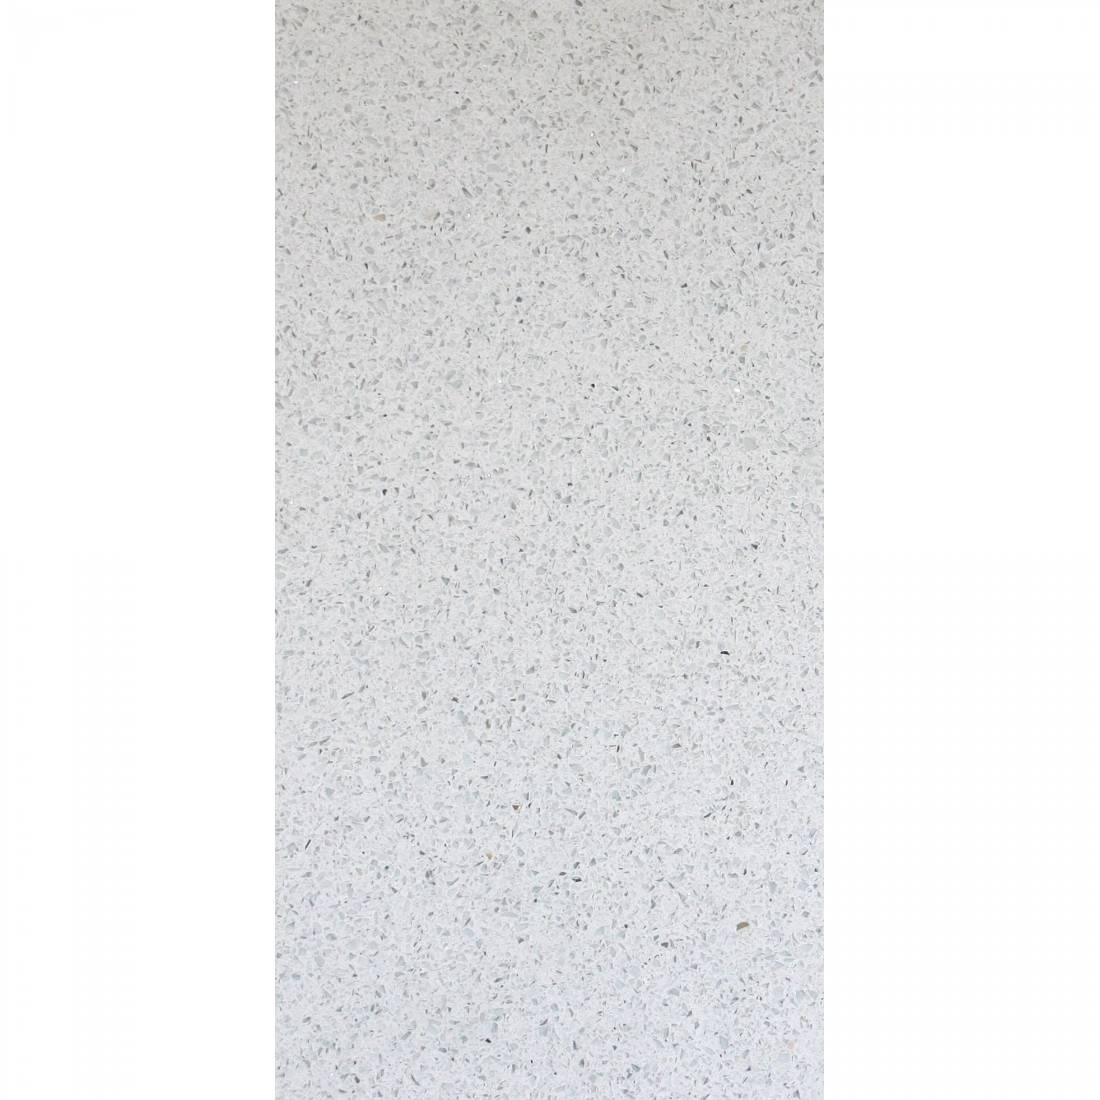 Chinese Quartzite 30x60 White 1